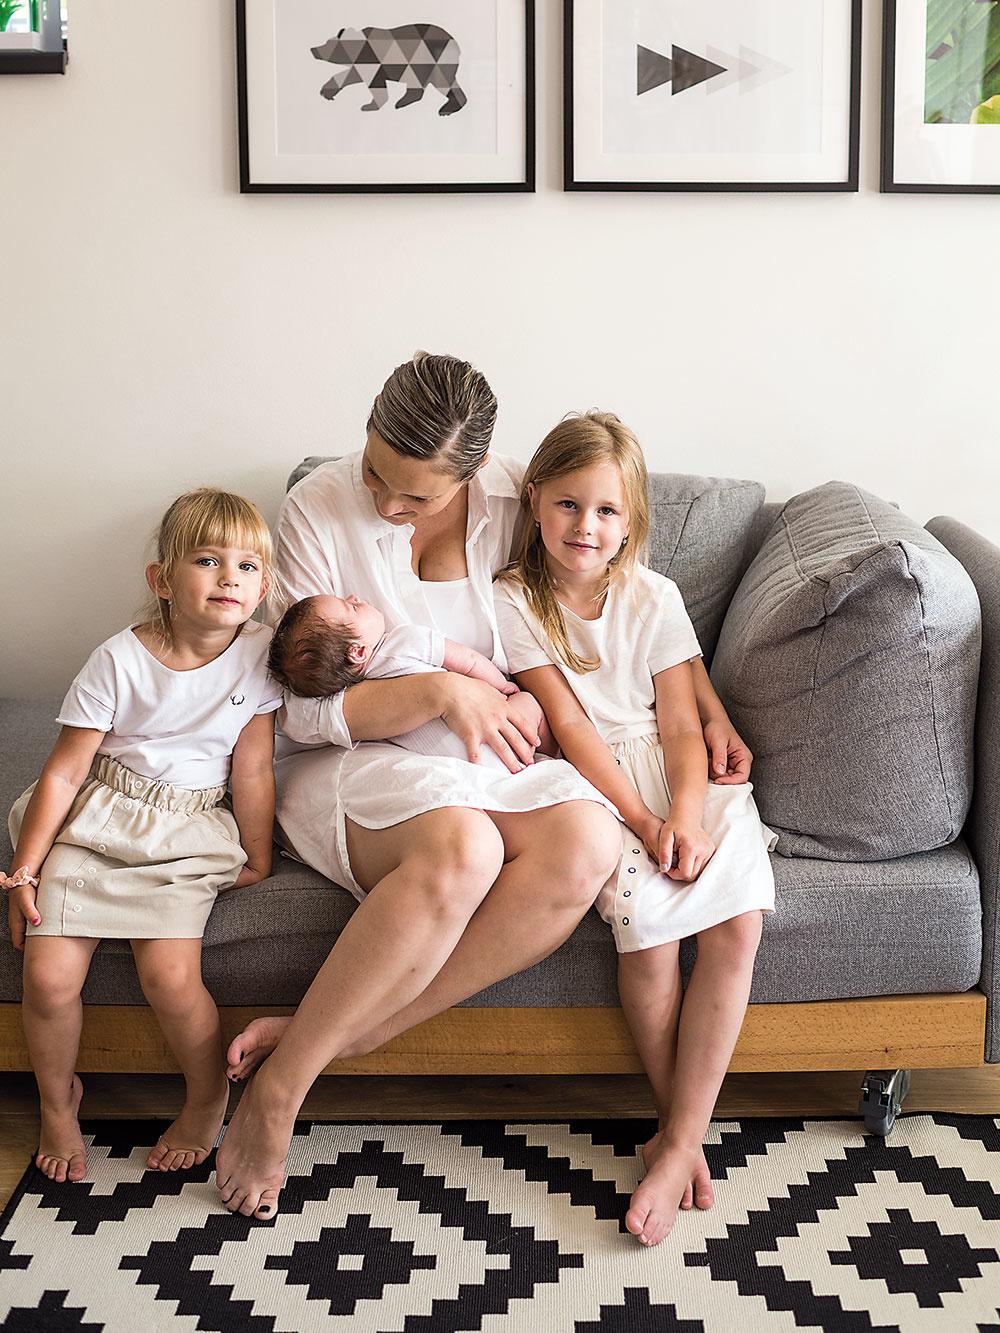 KTO TU BÝVA  Blogerka Miša so svojím manželom Marekom a tromi dcérami – najstaršou Dorotkou, mladšou Grétkou a len niekoľkotýždňovou Agátkou. Viac o ich živote, domove a najmä móde nájdete na blogu www.dorotagreta.com.